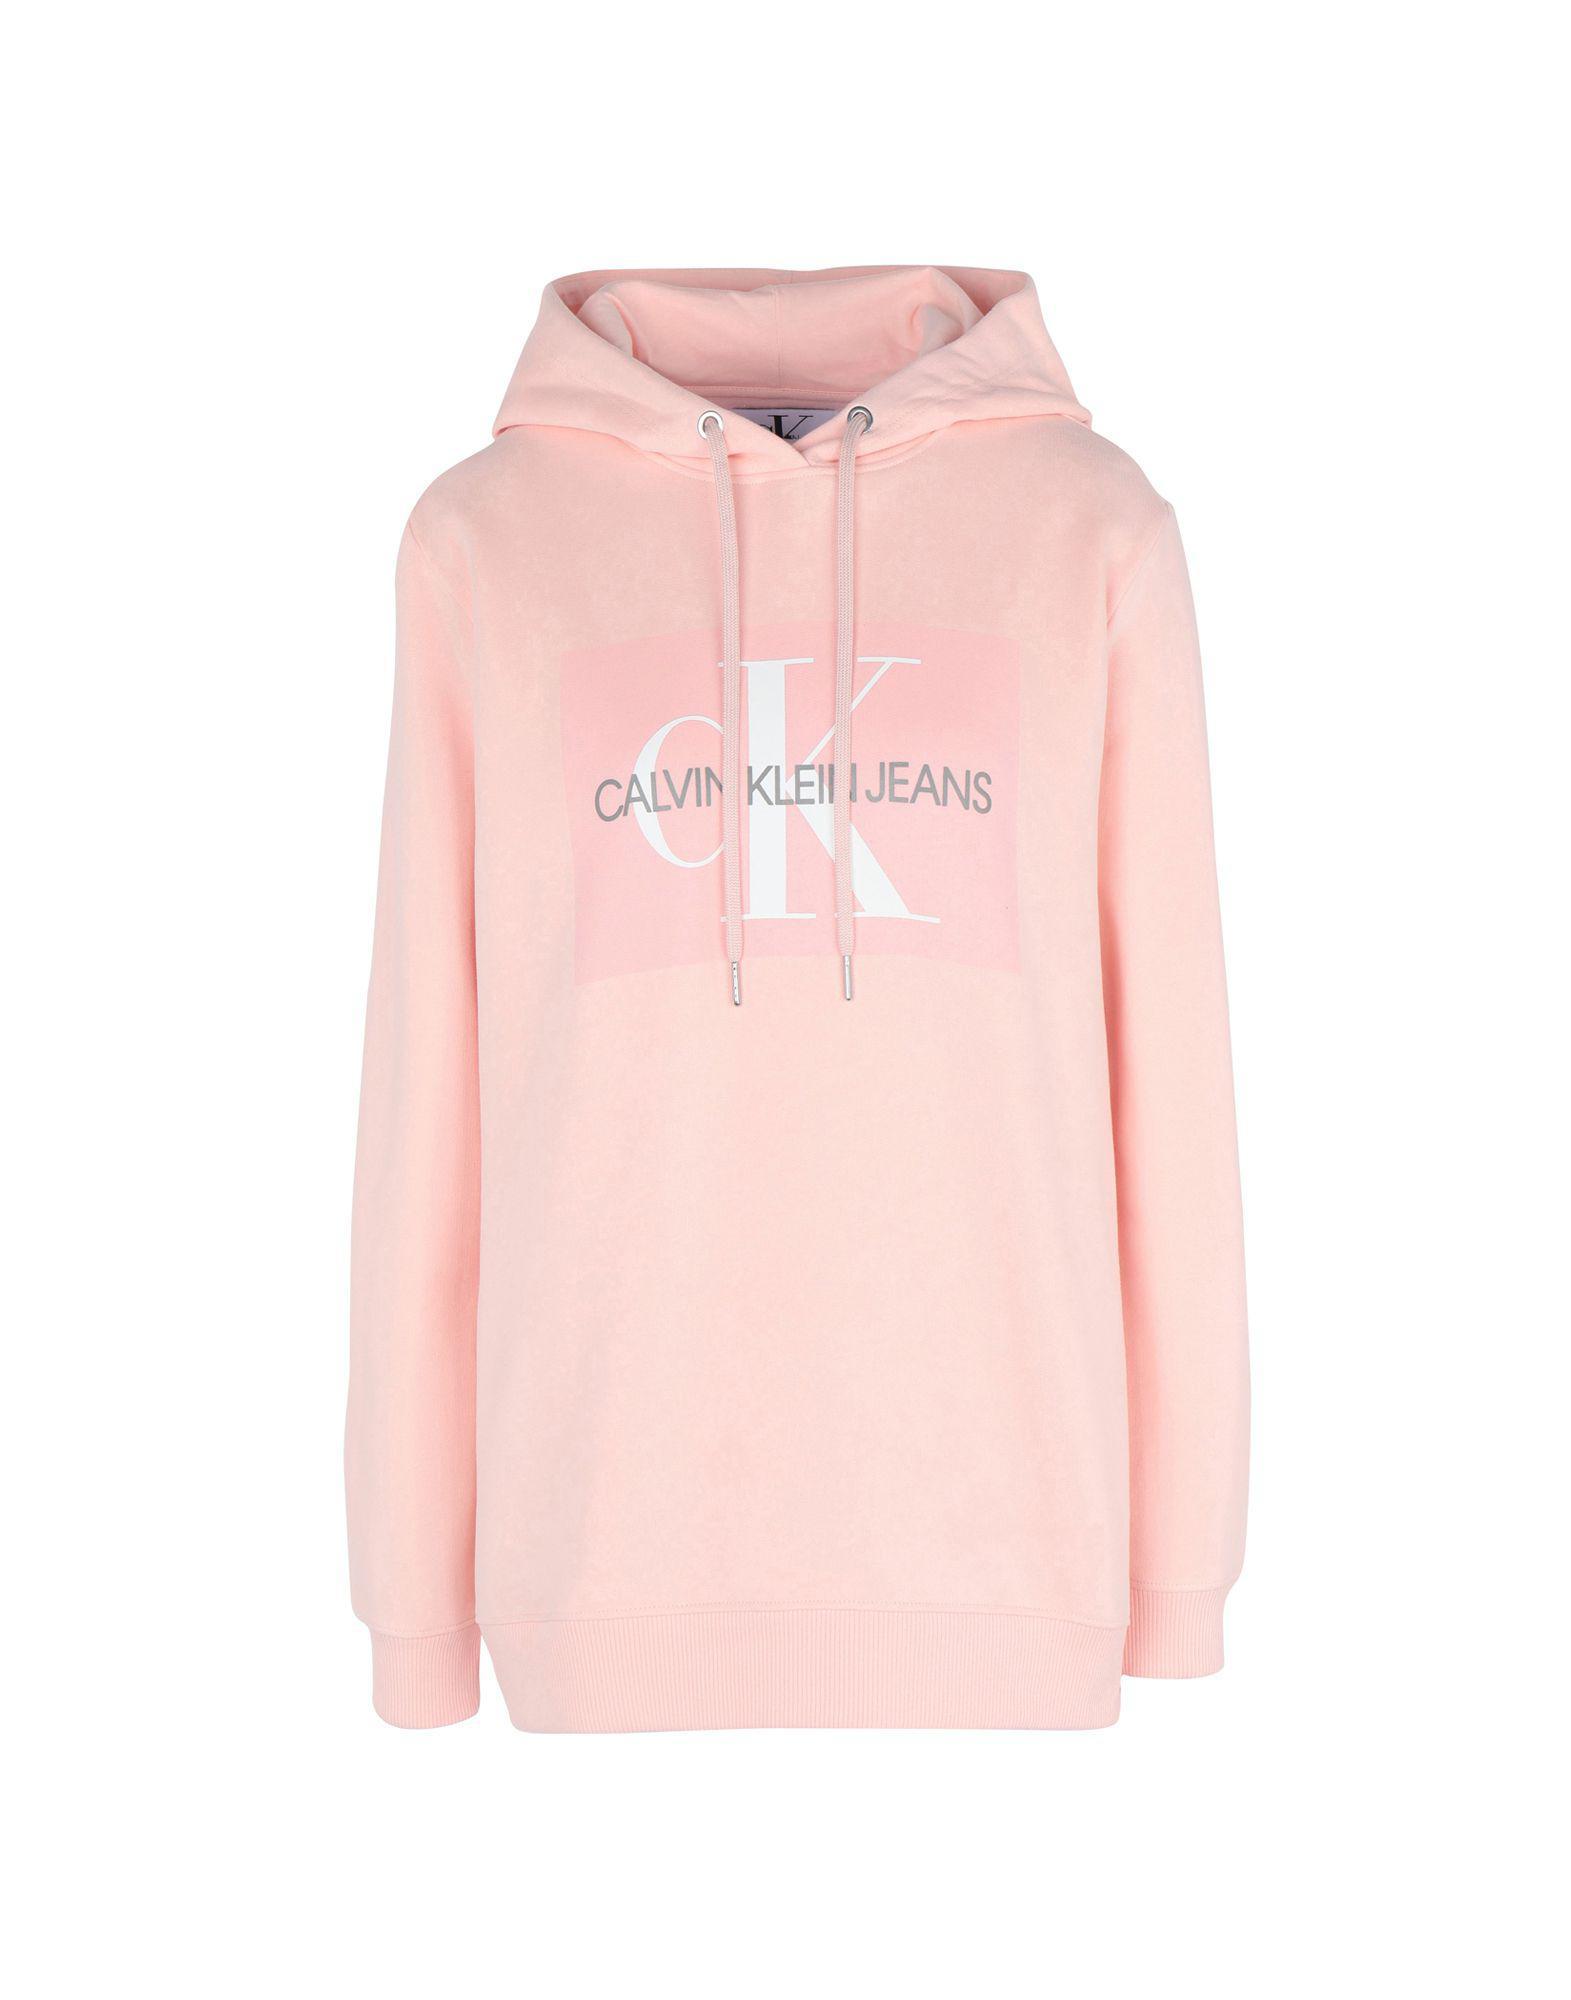 139c961c1d97 Sudadera Calvin Klein de color Pink. Ver en pantalla completa